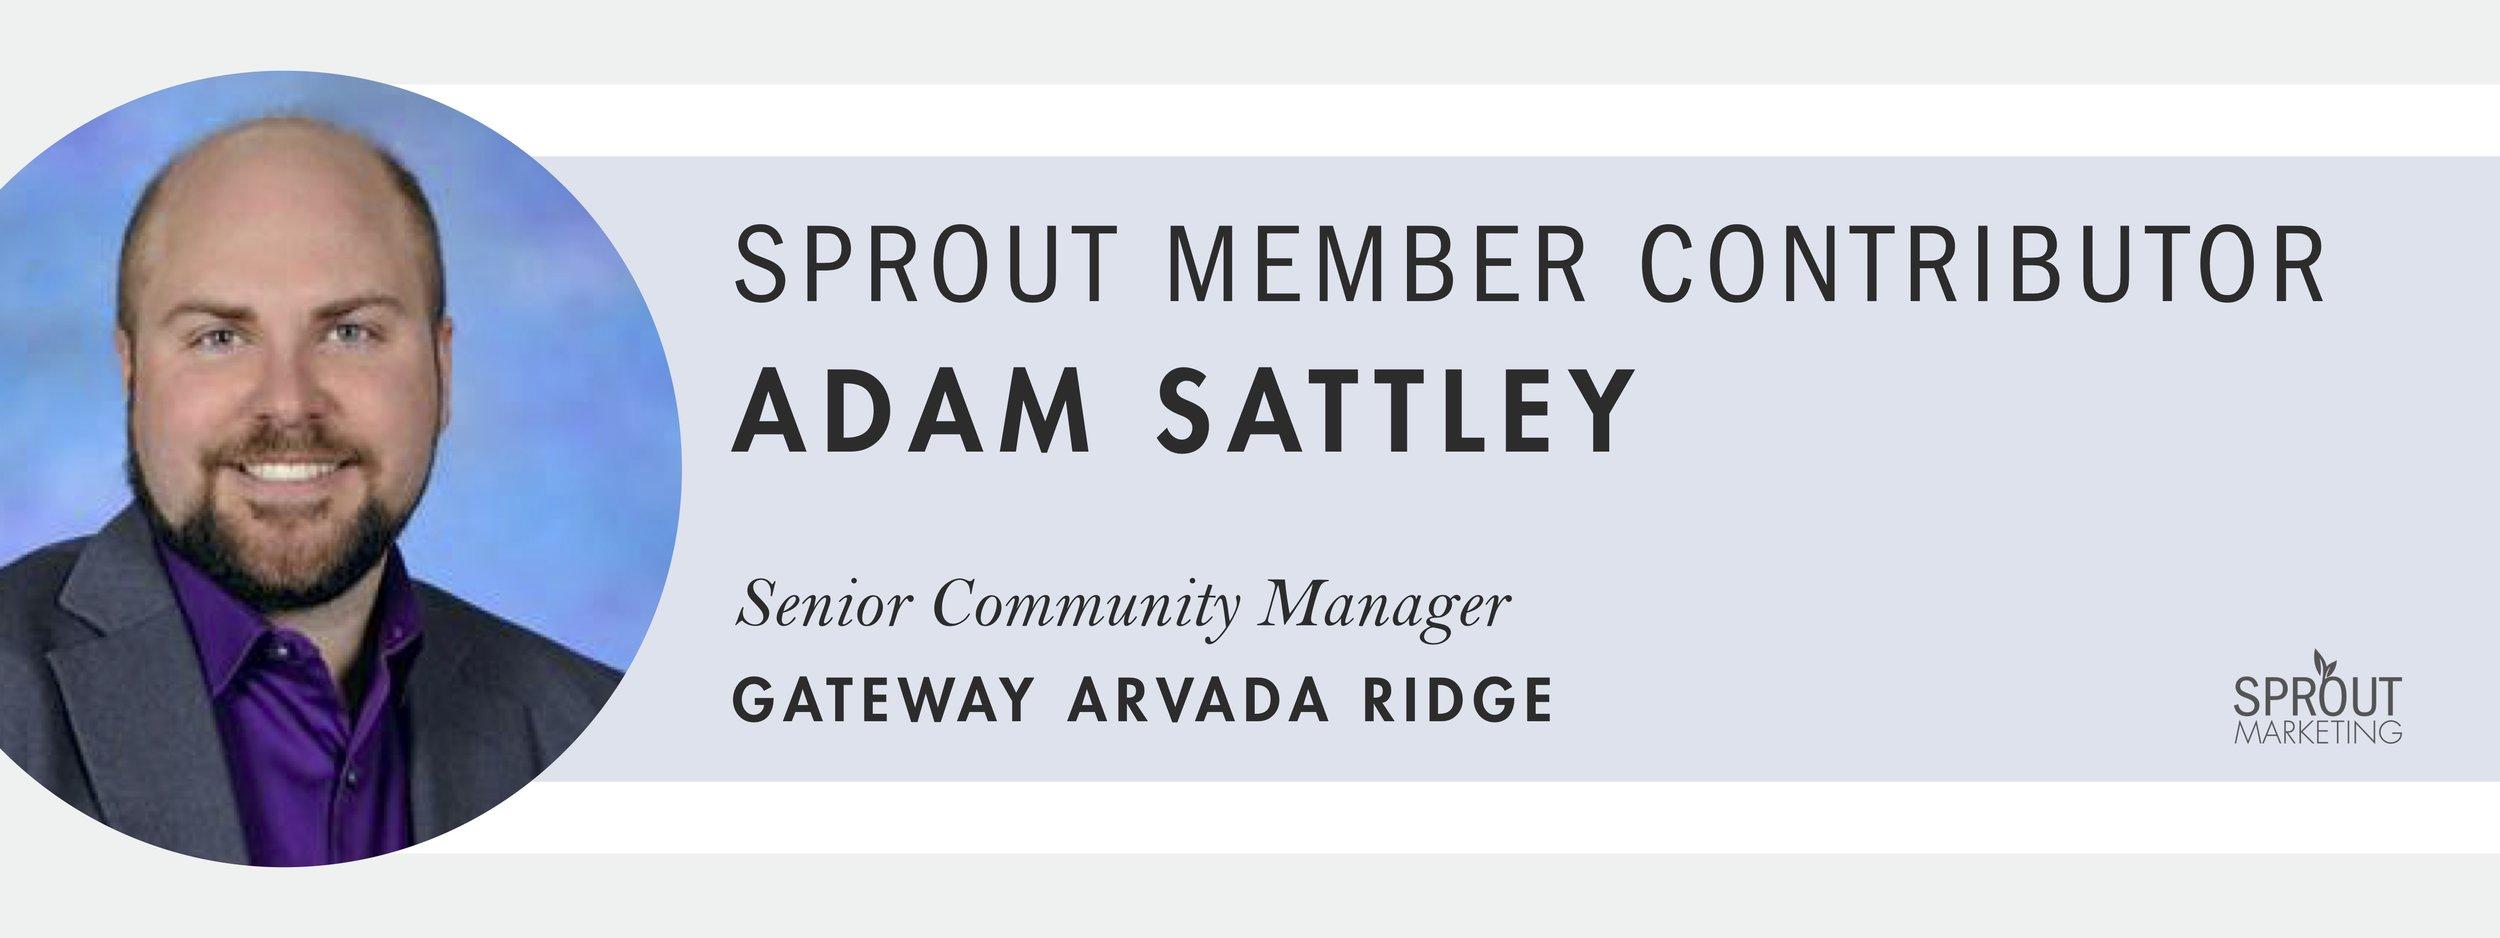 Adam Sattley Banner.jpg